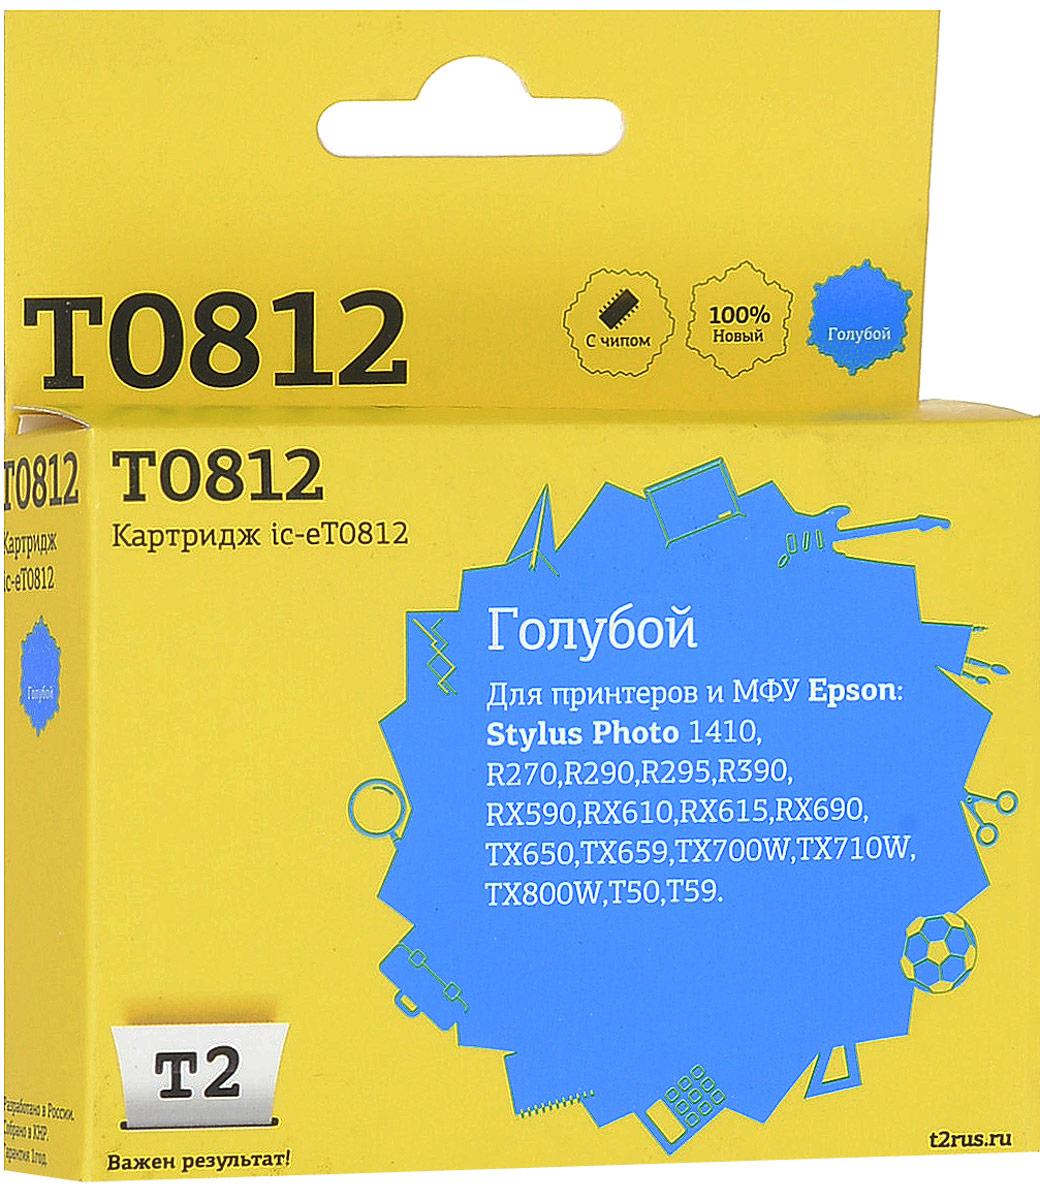 T2 IC-ET0812 (аналог T08124A), Cyan картридж для Epson Stylus Photo R270/R290/R390/RX690/TX700IC-ET0812Картридж Т2 IC-ET0812 (аналог T08124A) собран из дорогих японских комплектующих, протестирован по стандартам STMC и ISO. Специалисты завода следят за всеми аспектами сборки, вплоть до крутящего момента при закручивании винтов. С каждого картриджа на заводе делаются тестовые отпечатки.Каждая модель проходит умопомрачительно тщательную проверку на градиенты, фантомные изображения, ровность заливки и общее качество картинки.